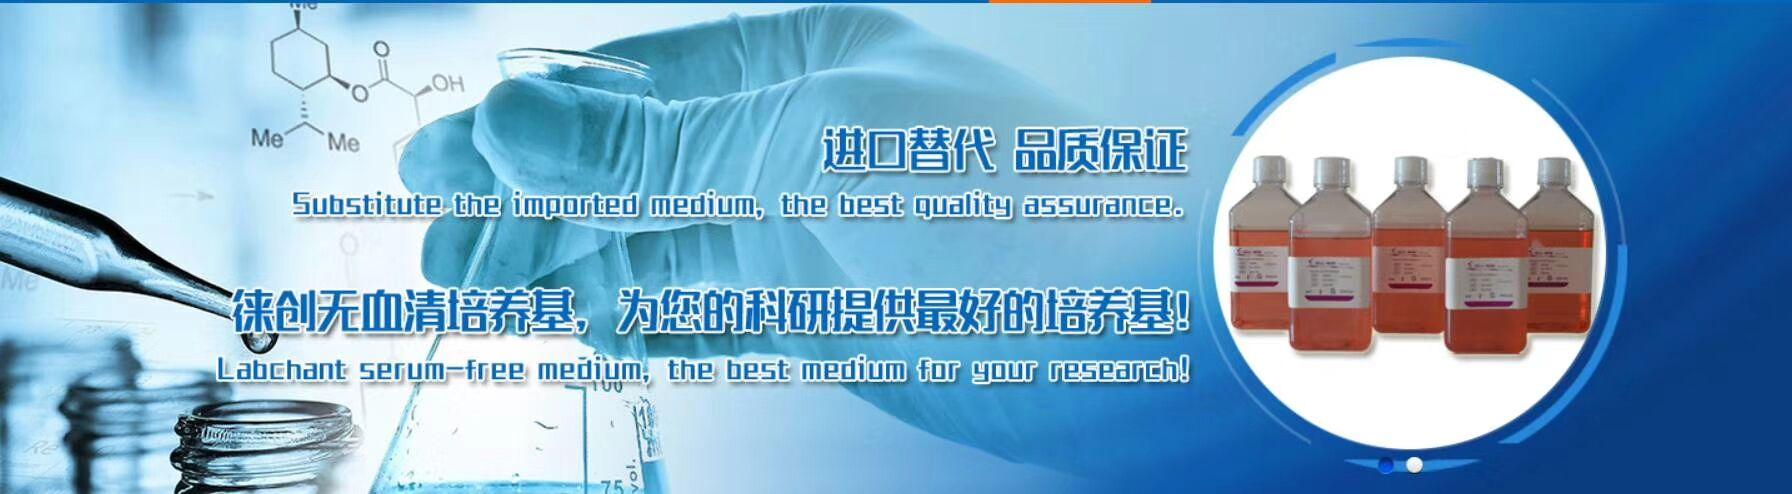 Balance CD 293 无血清培养基使用方法